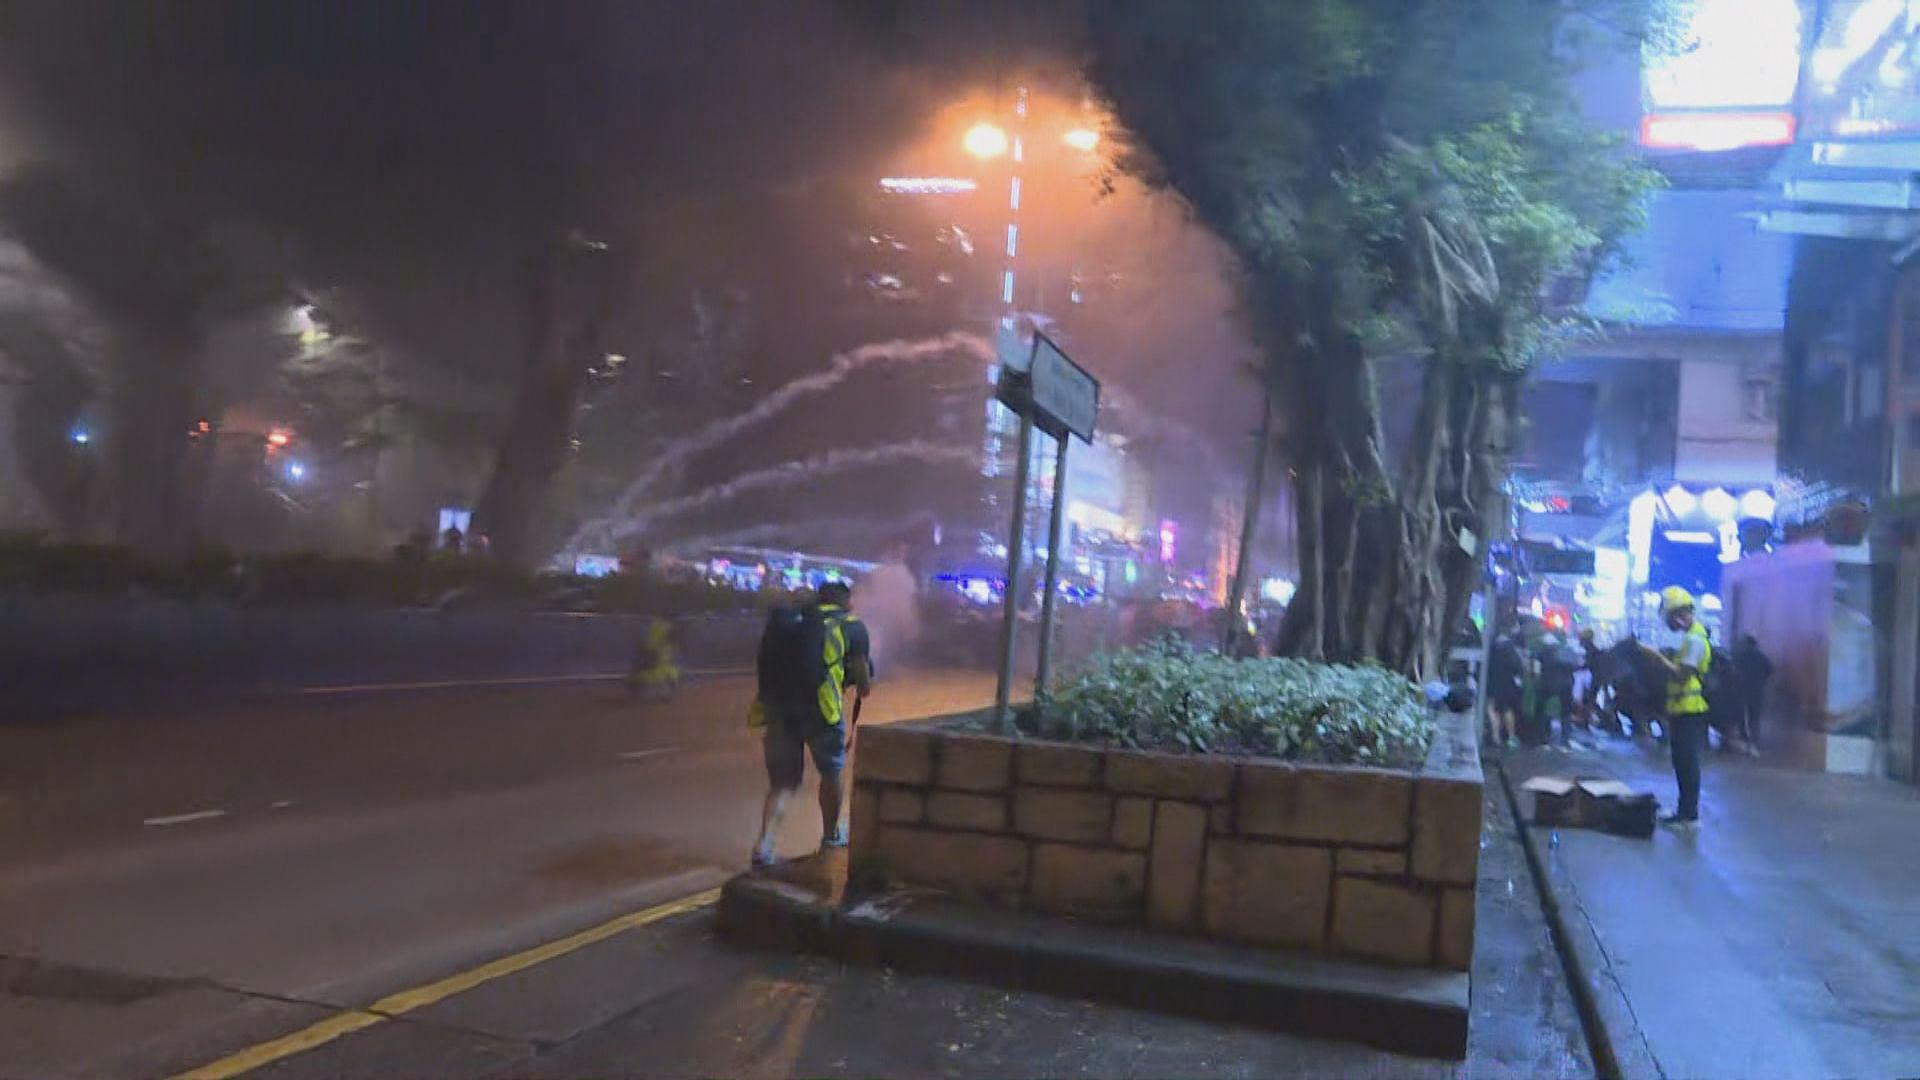 尖沙咀警署外催淚彈驅散示威者